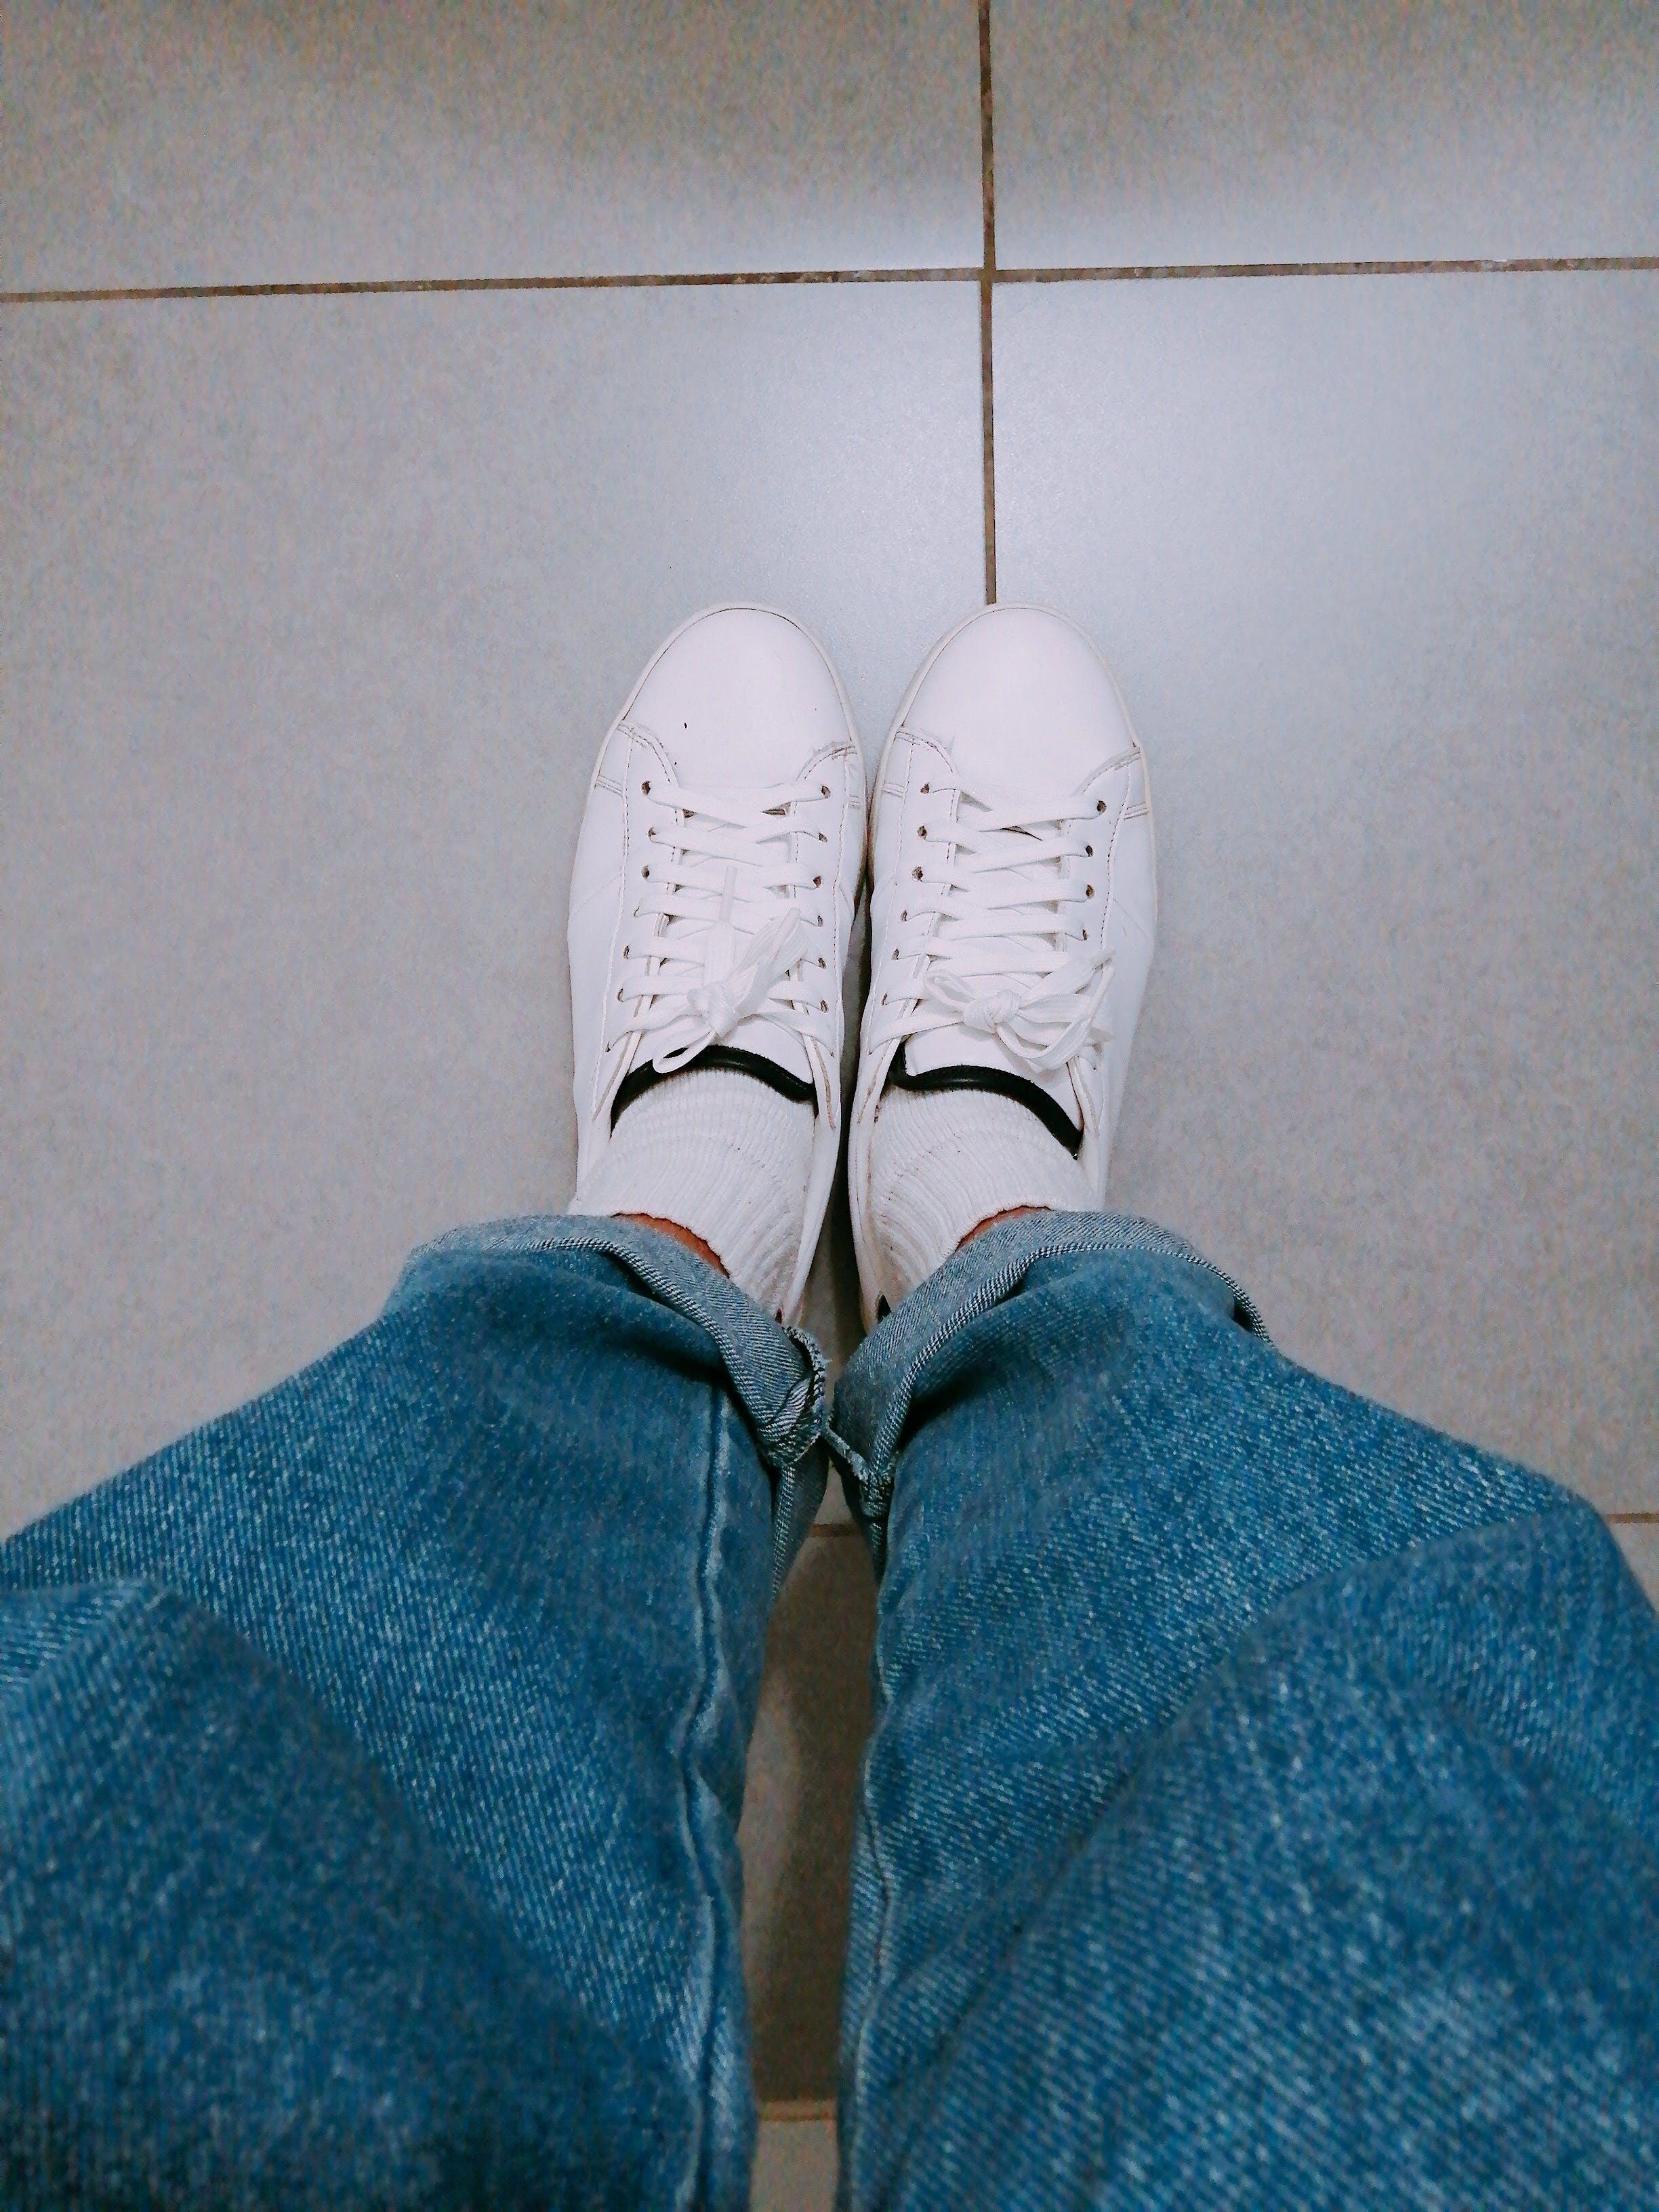 Δωρεάν στοκ φωτογραφιών με denim, αθλητικά παπούτσια, μπλουτζίν, ντύνομαι